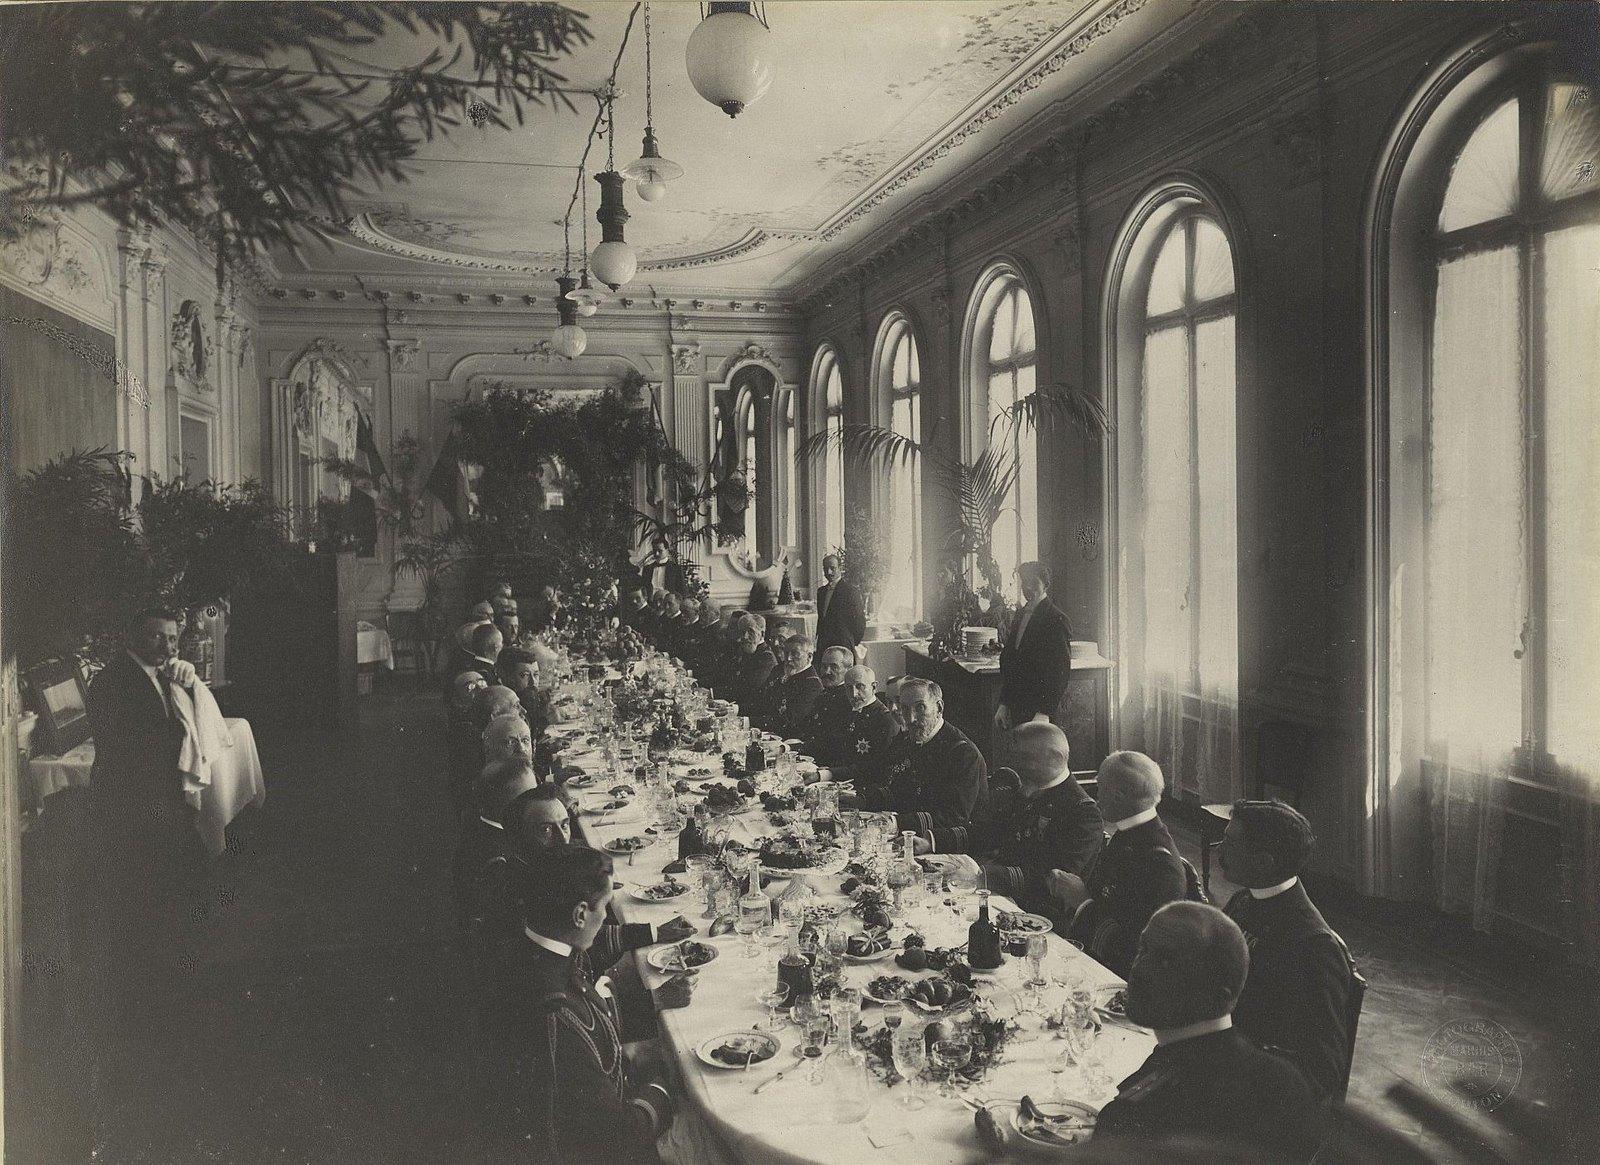 17. Морские офицеры за праздничным столом. Bar Marius. 1901-1902 гг.